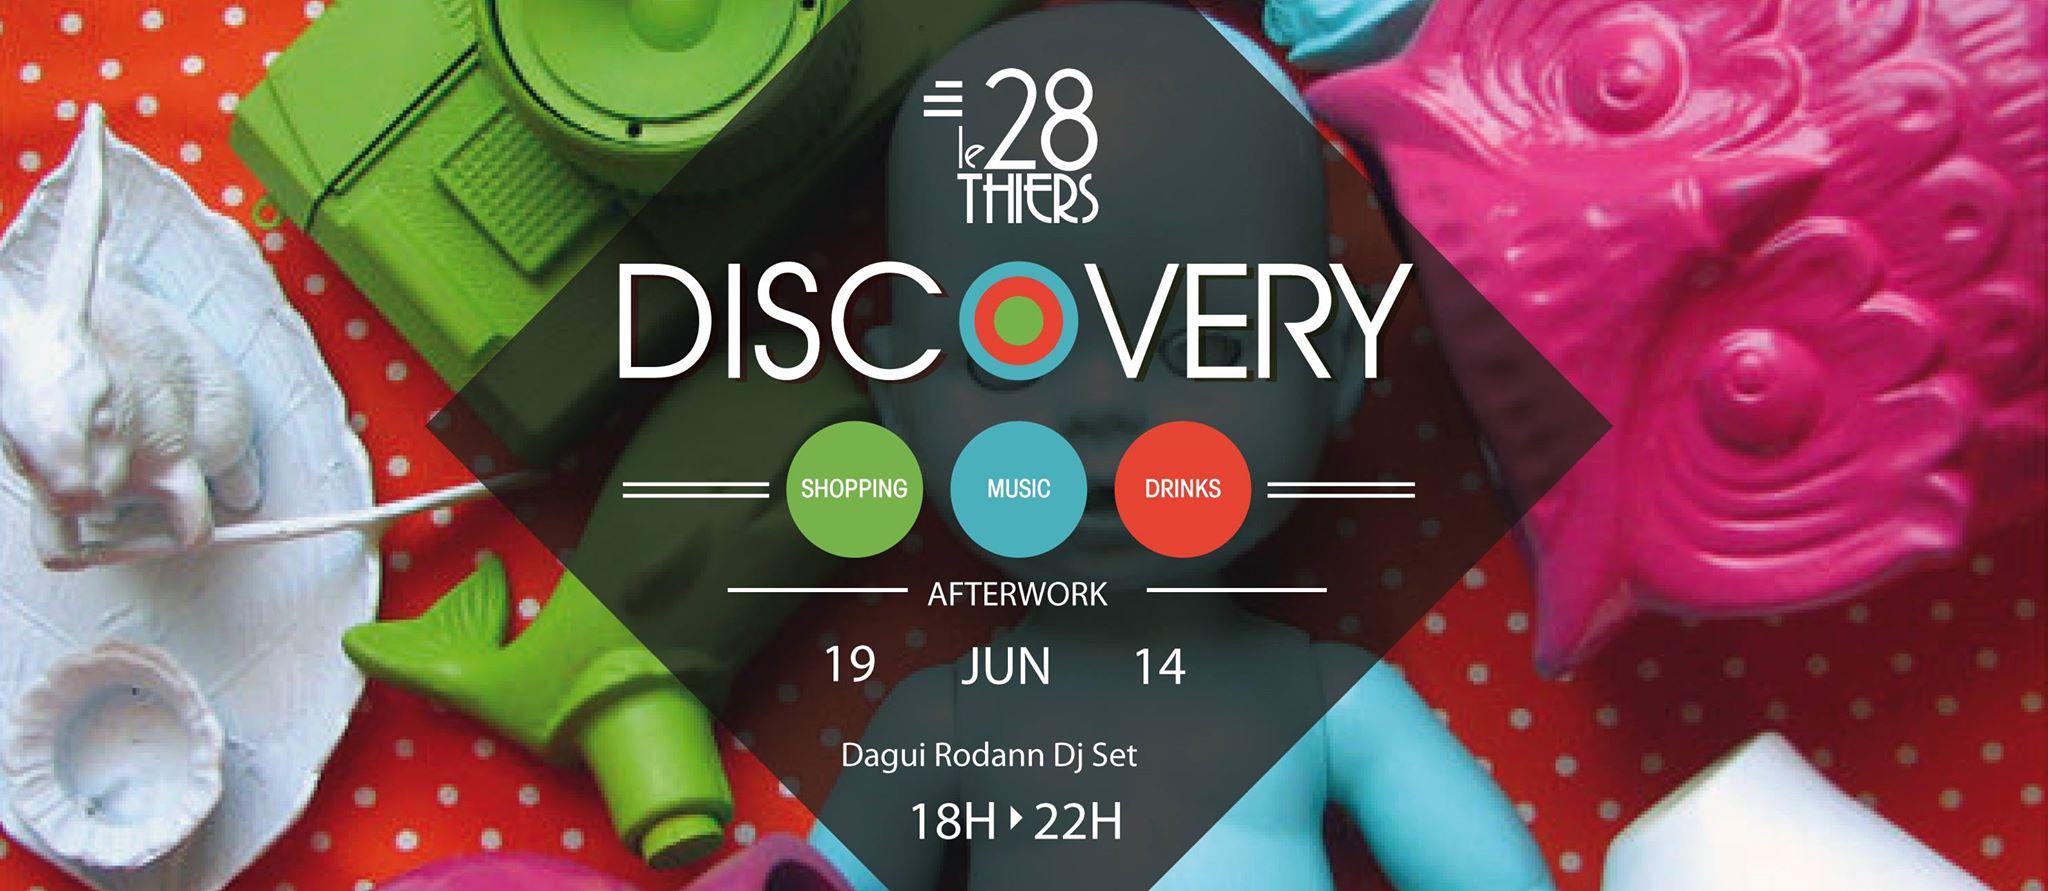 descovery7